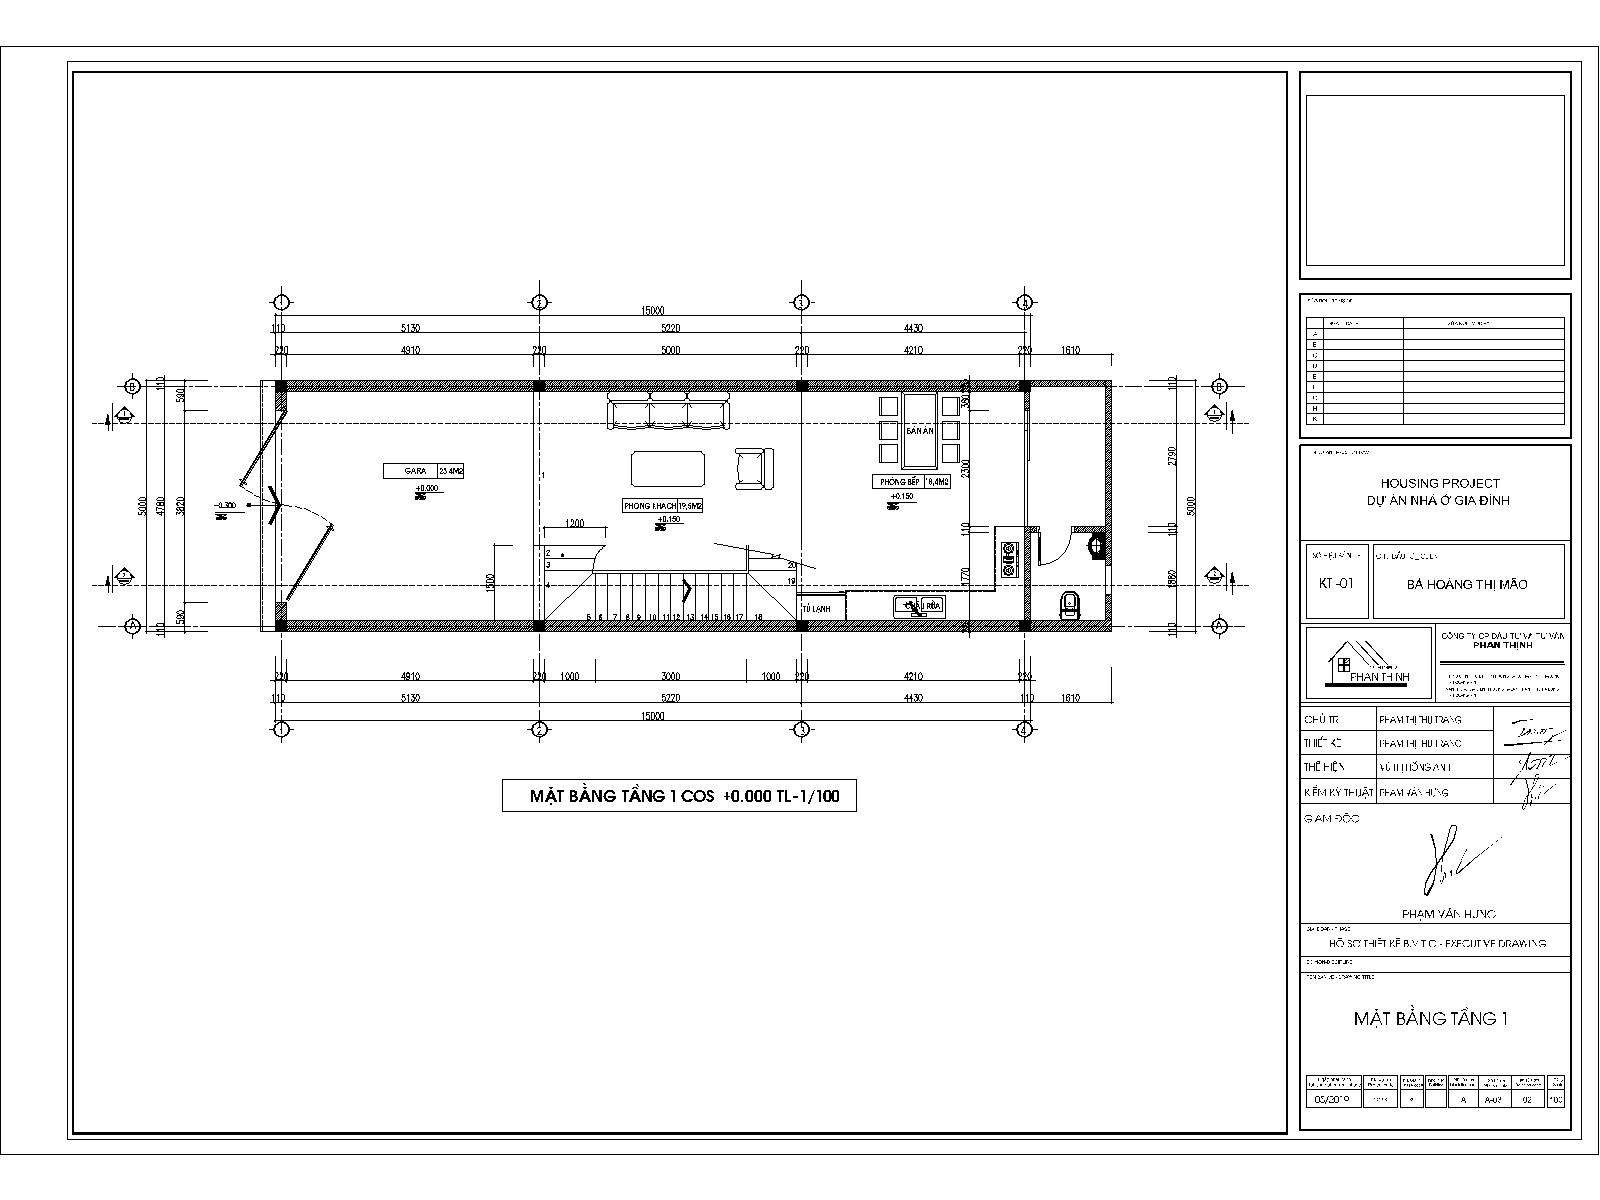 Mặt bằng thiết kế tầng 1